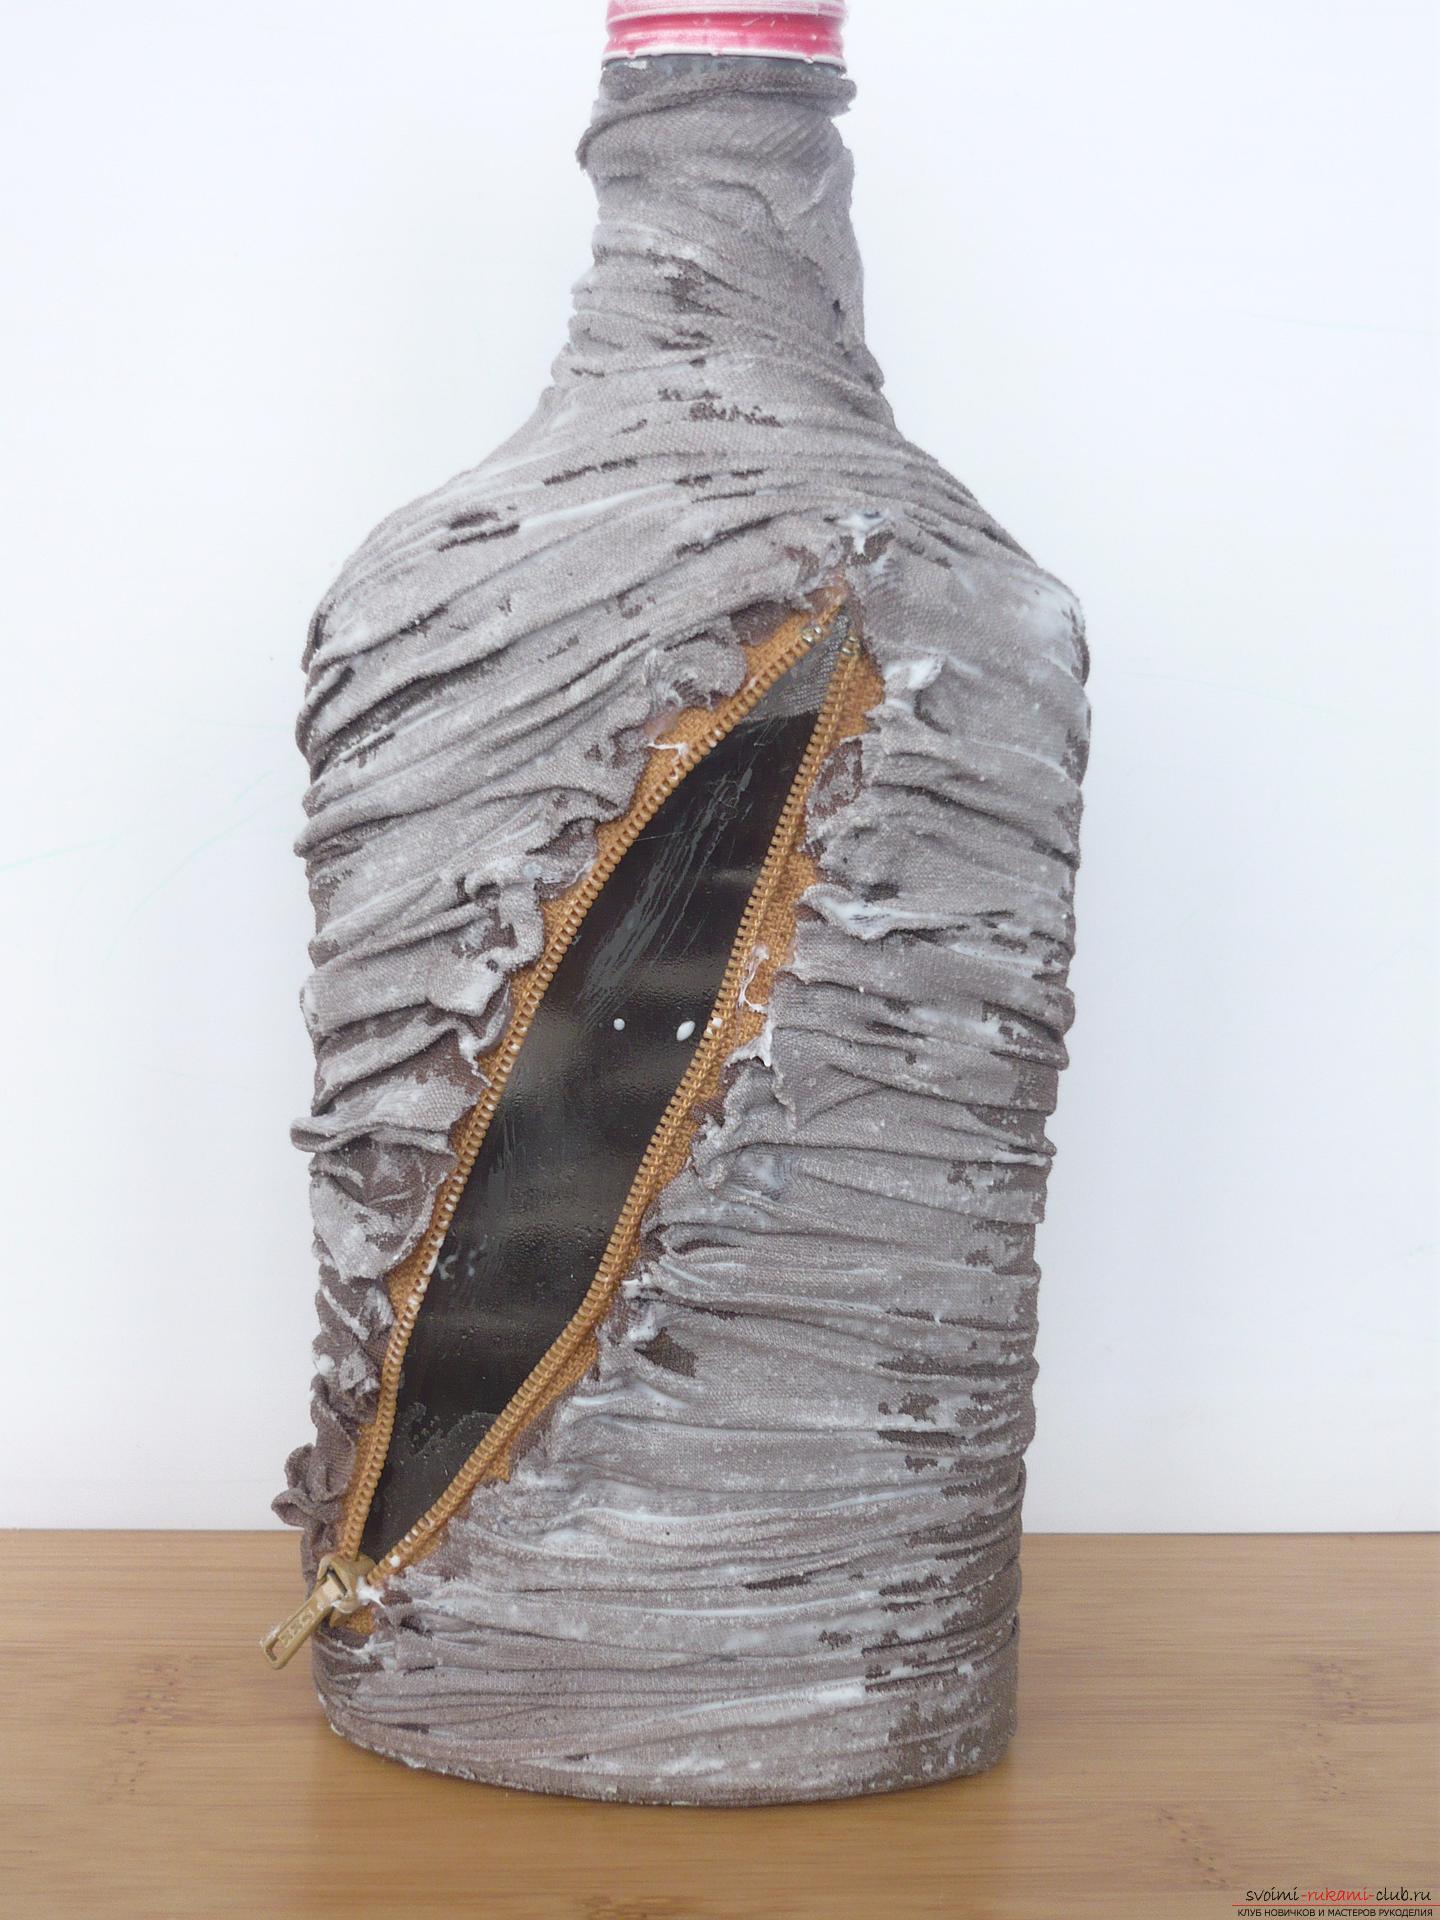 цикорным декорирование бутылок монетами мастер класс с фото его оттуда